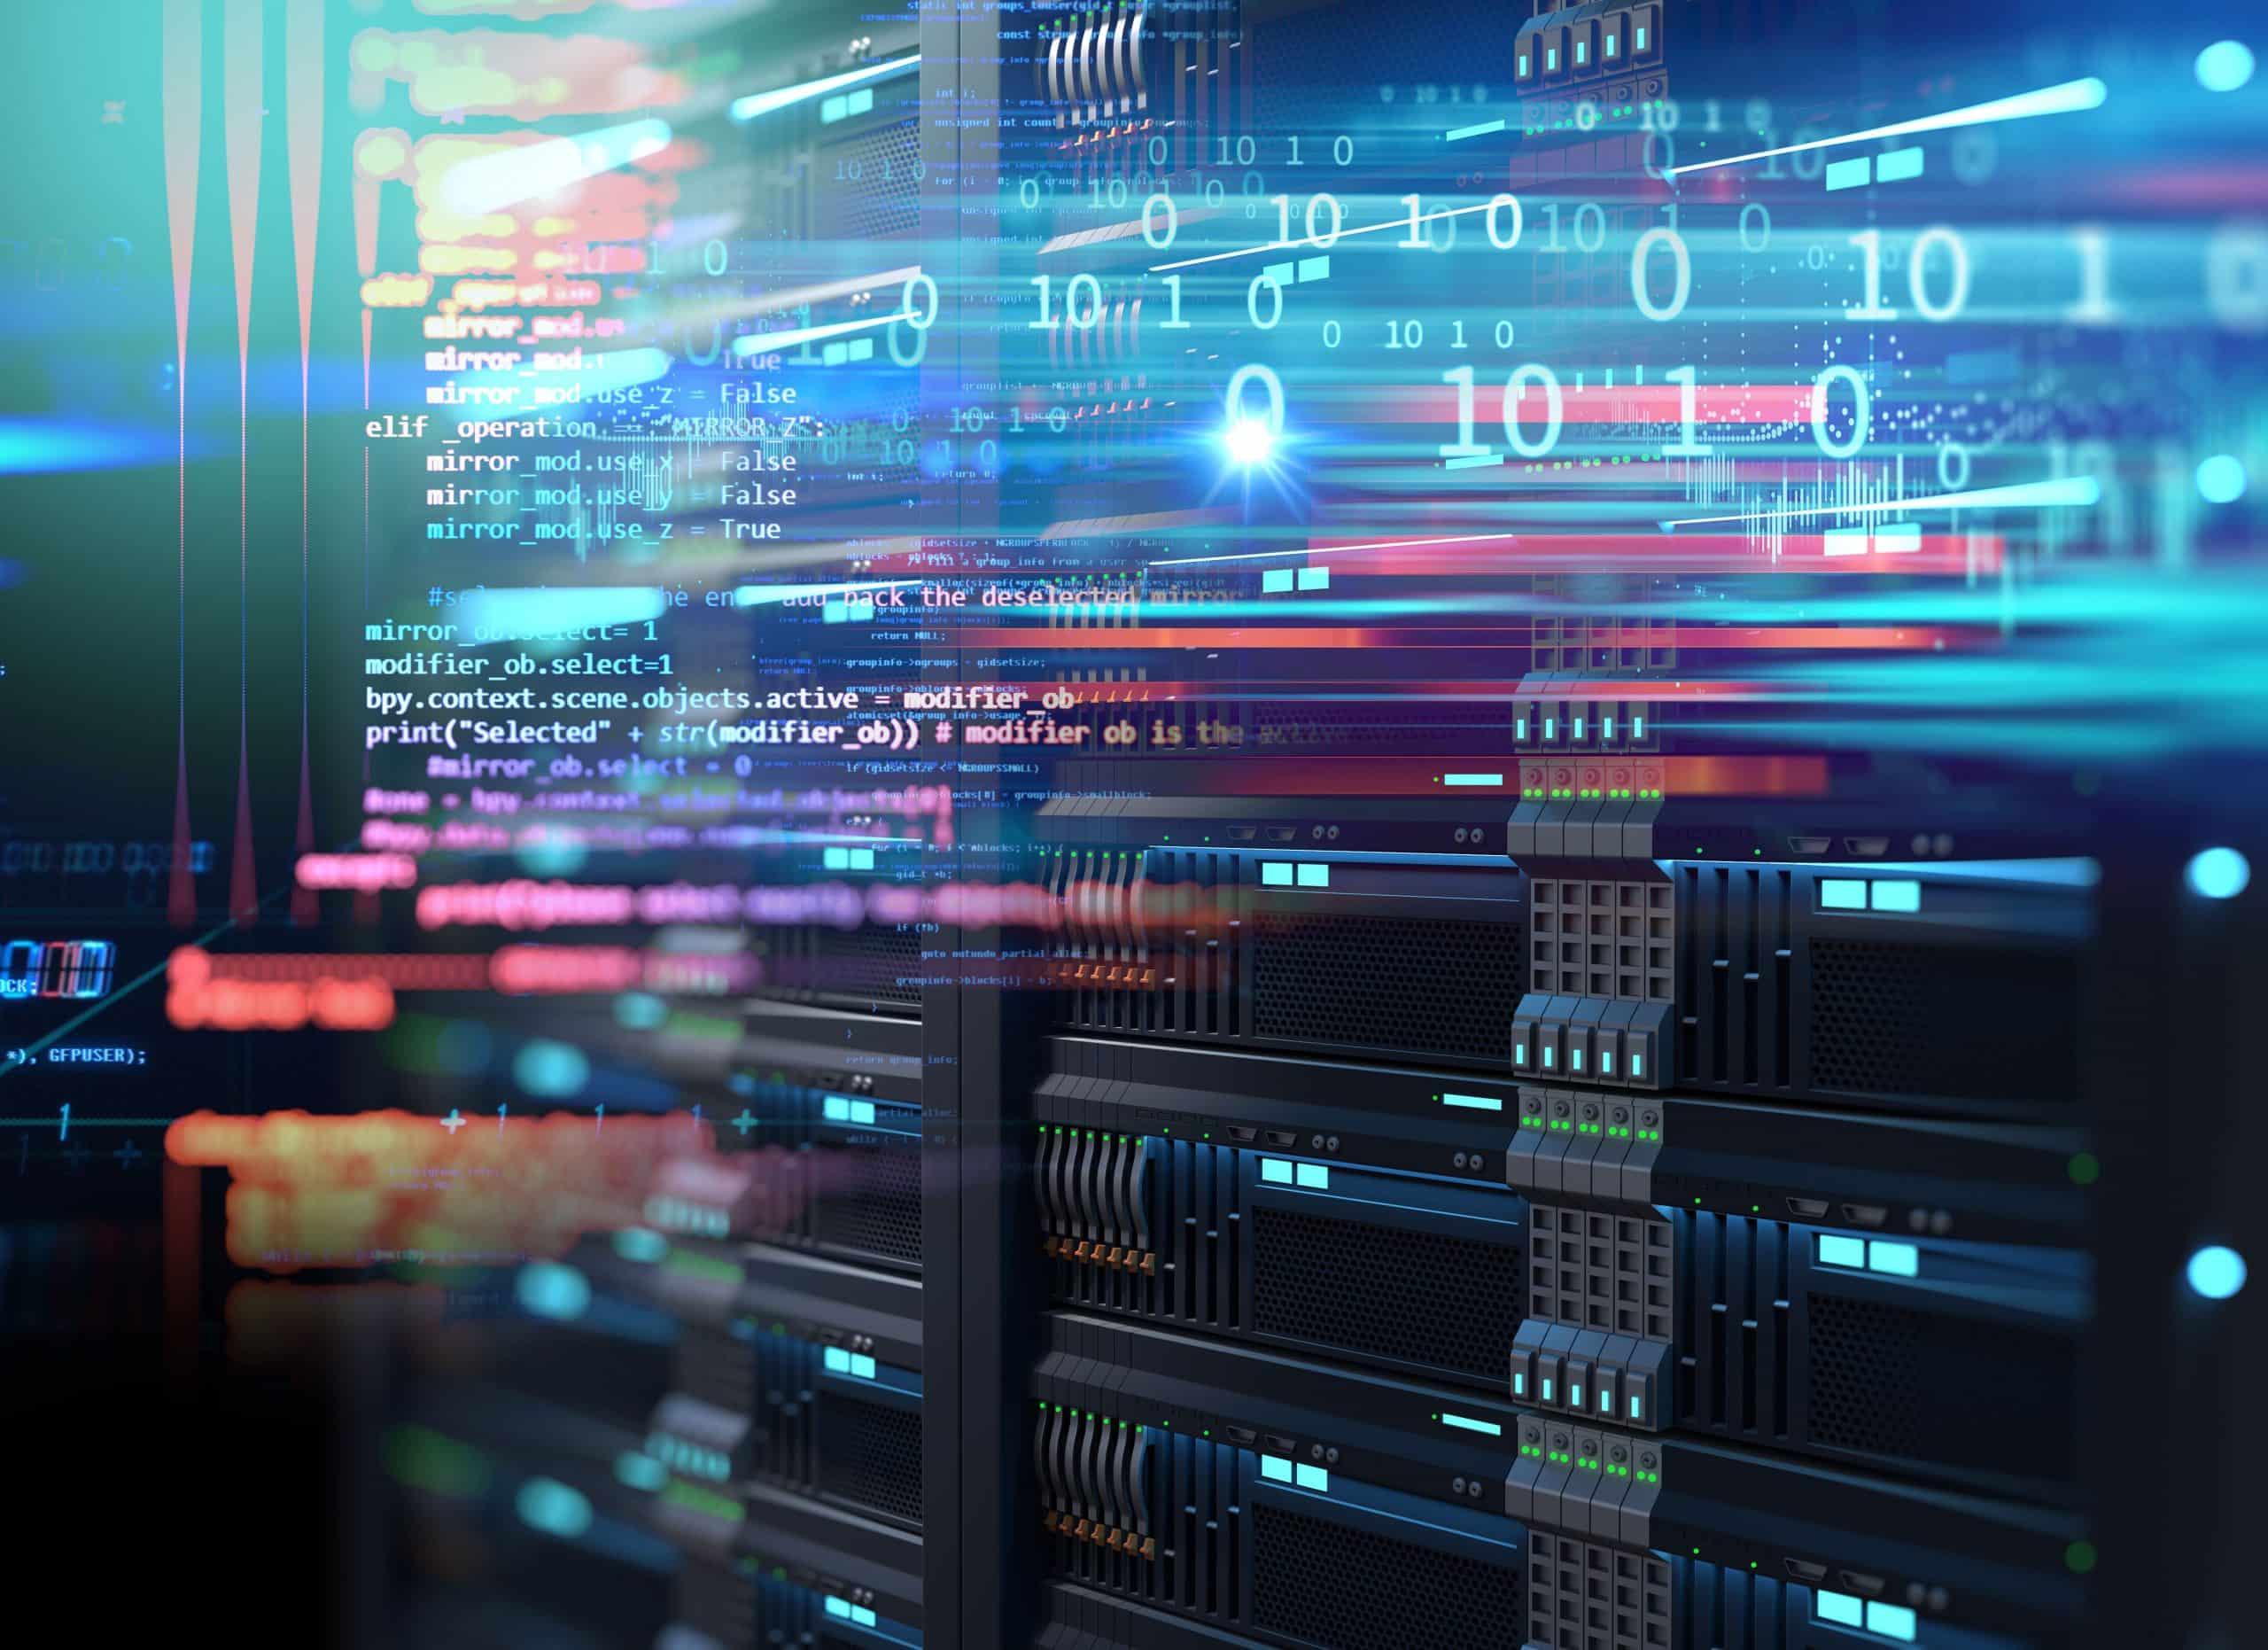 Pourquoi l'utilisation d'un Data Center est-elle aussi importante